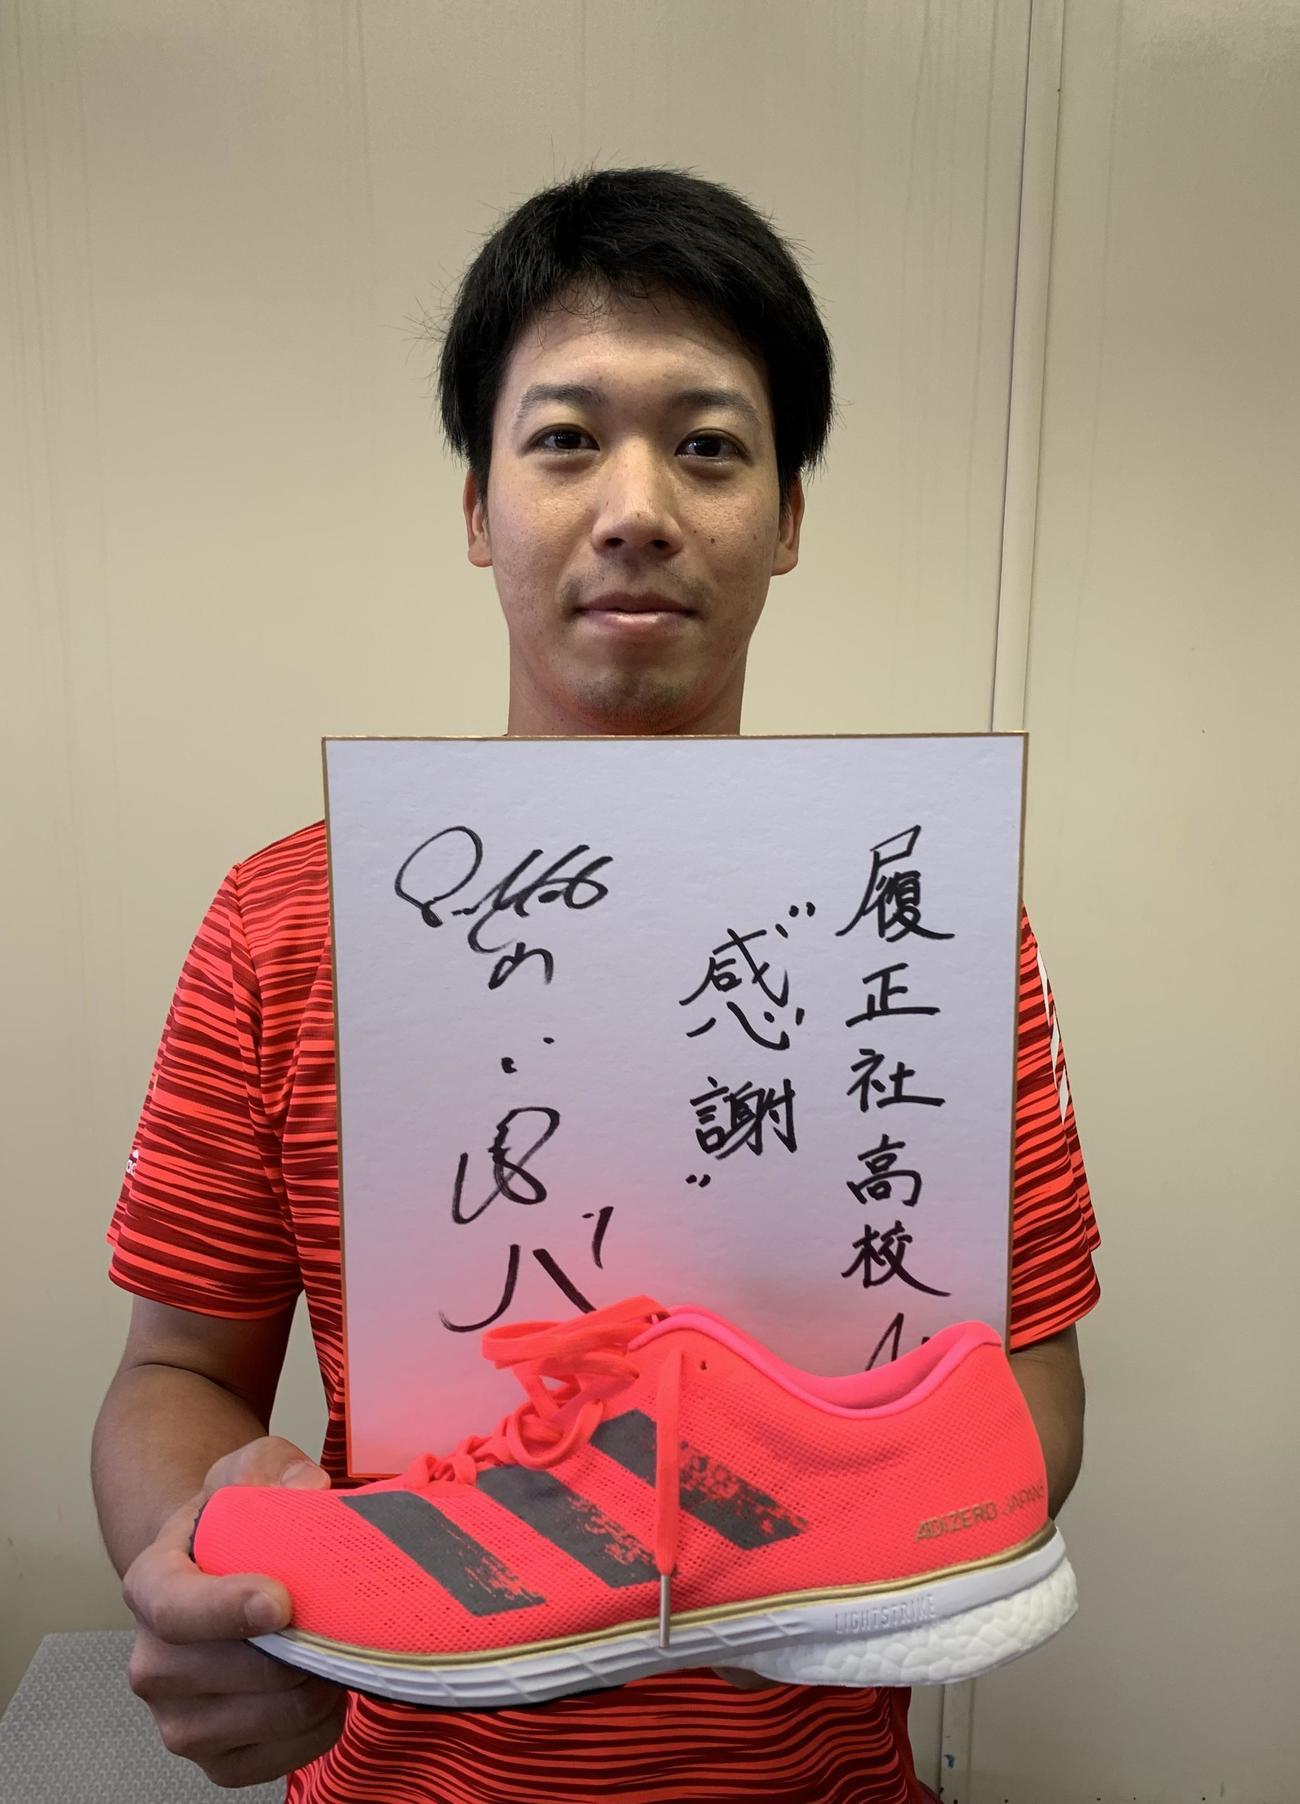 母校履正社の選手へアディダスのランニングシューズを贈ったヤクルト山田哲